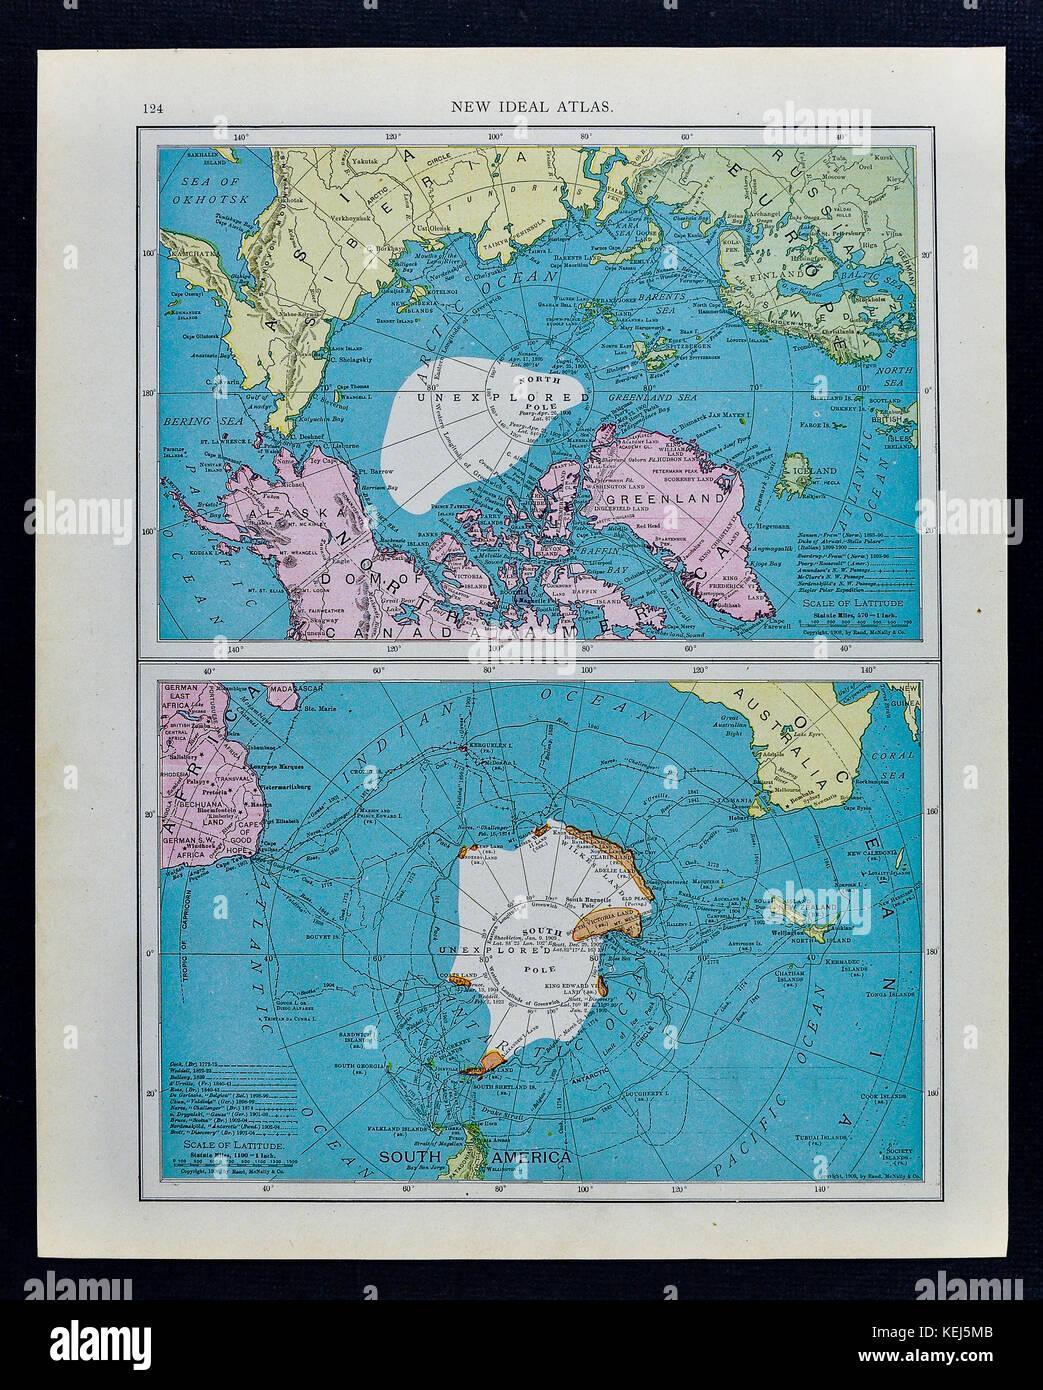 Mcnally mappa antichi 1911 - polo sud antartide & Polo Nord Oceano artico Immagini Stock